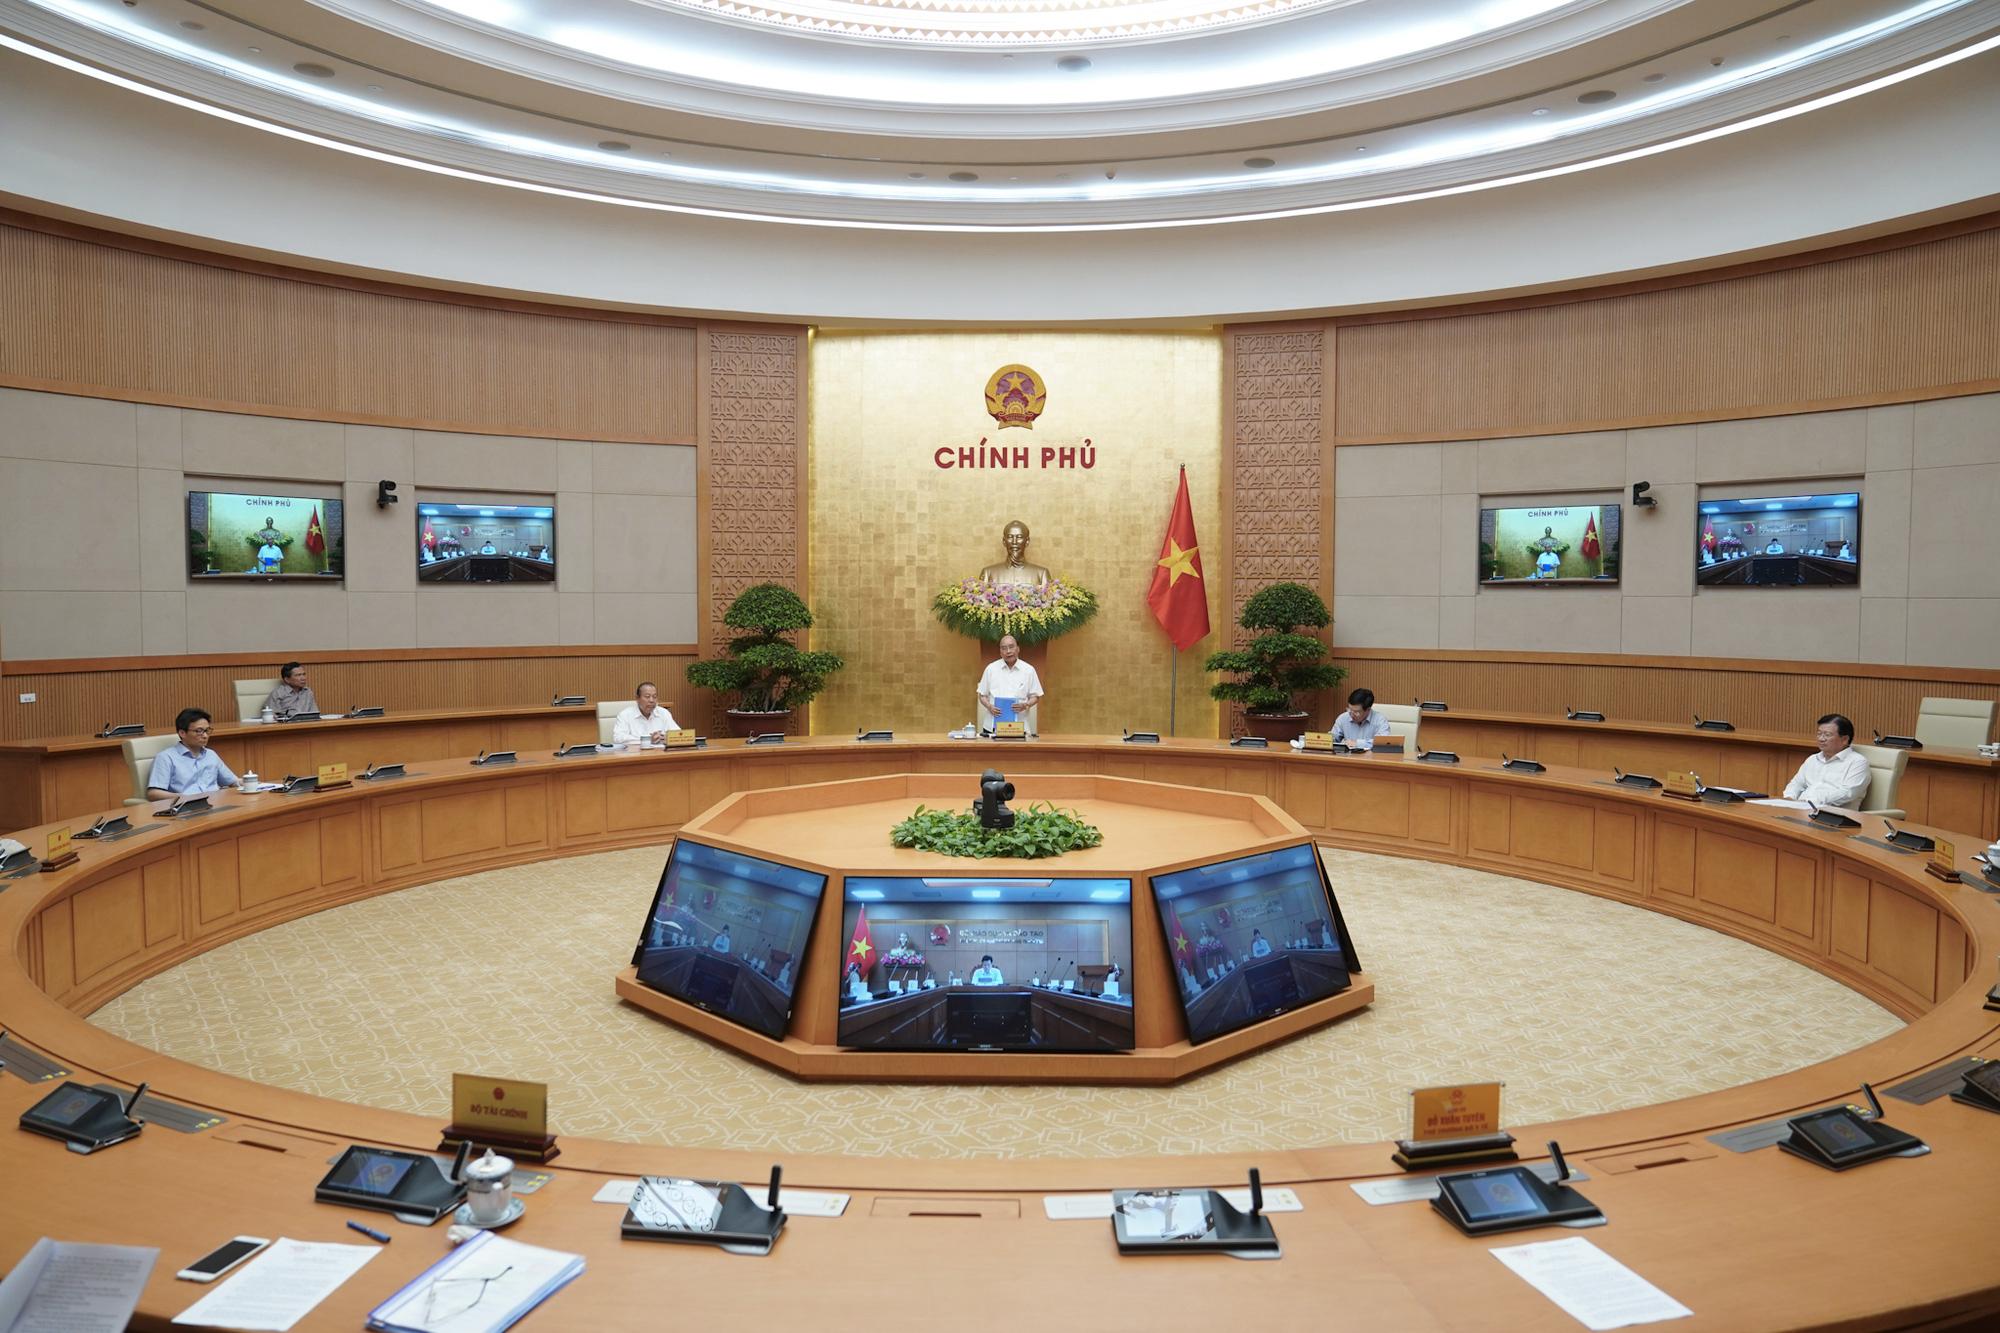 Thủ tướng: Rạp chiếu phim được mở cửa, không thực hiện giãn cách trong lớp học - Ảnh 2